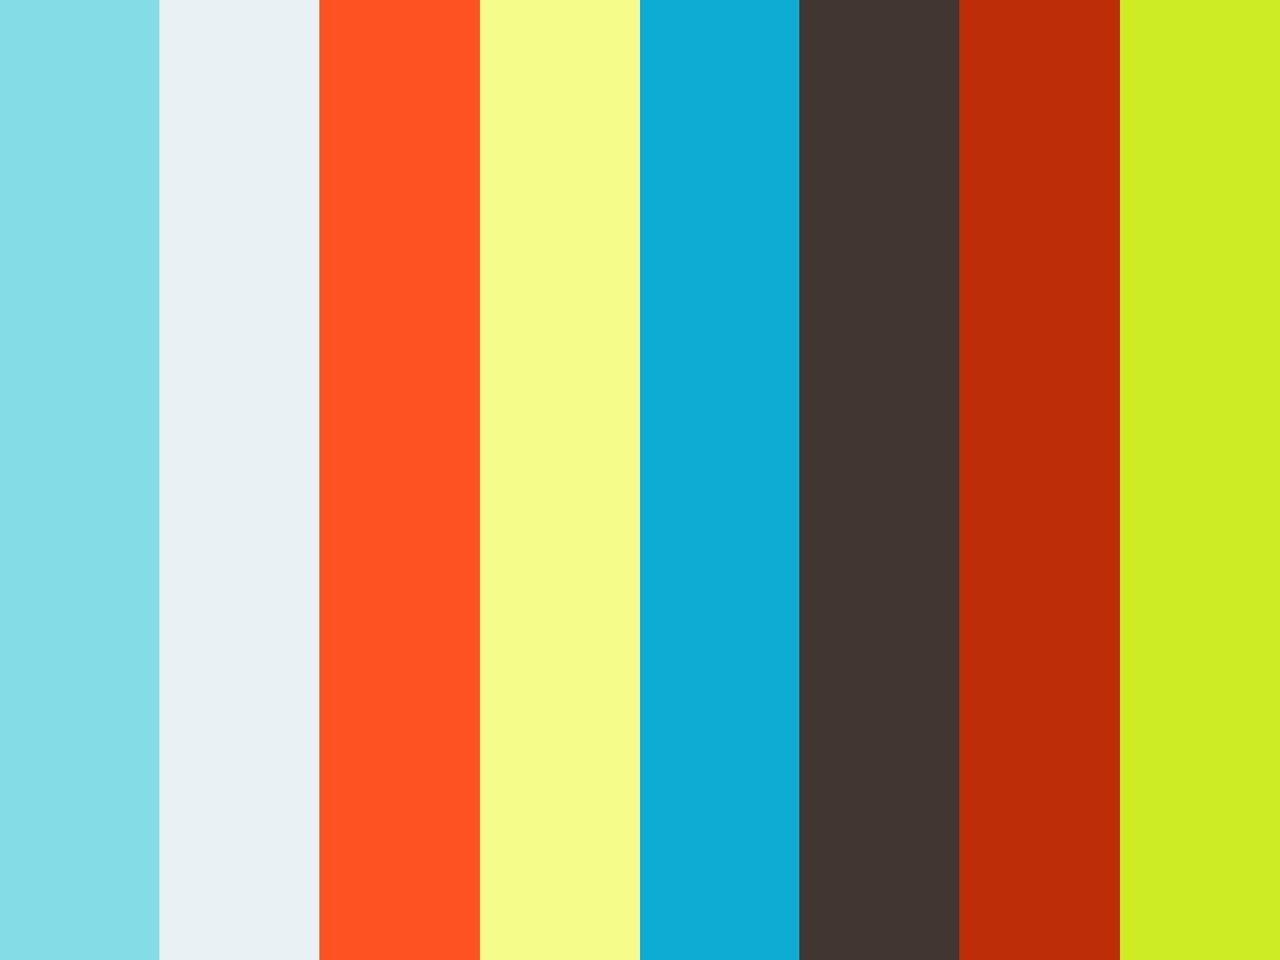 Consumer segmentation | Segment 09